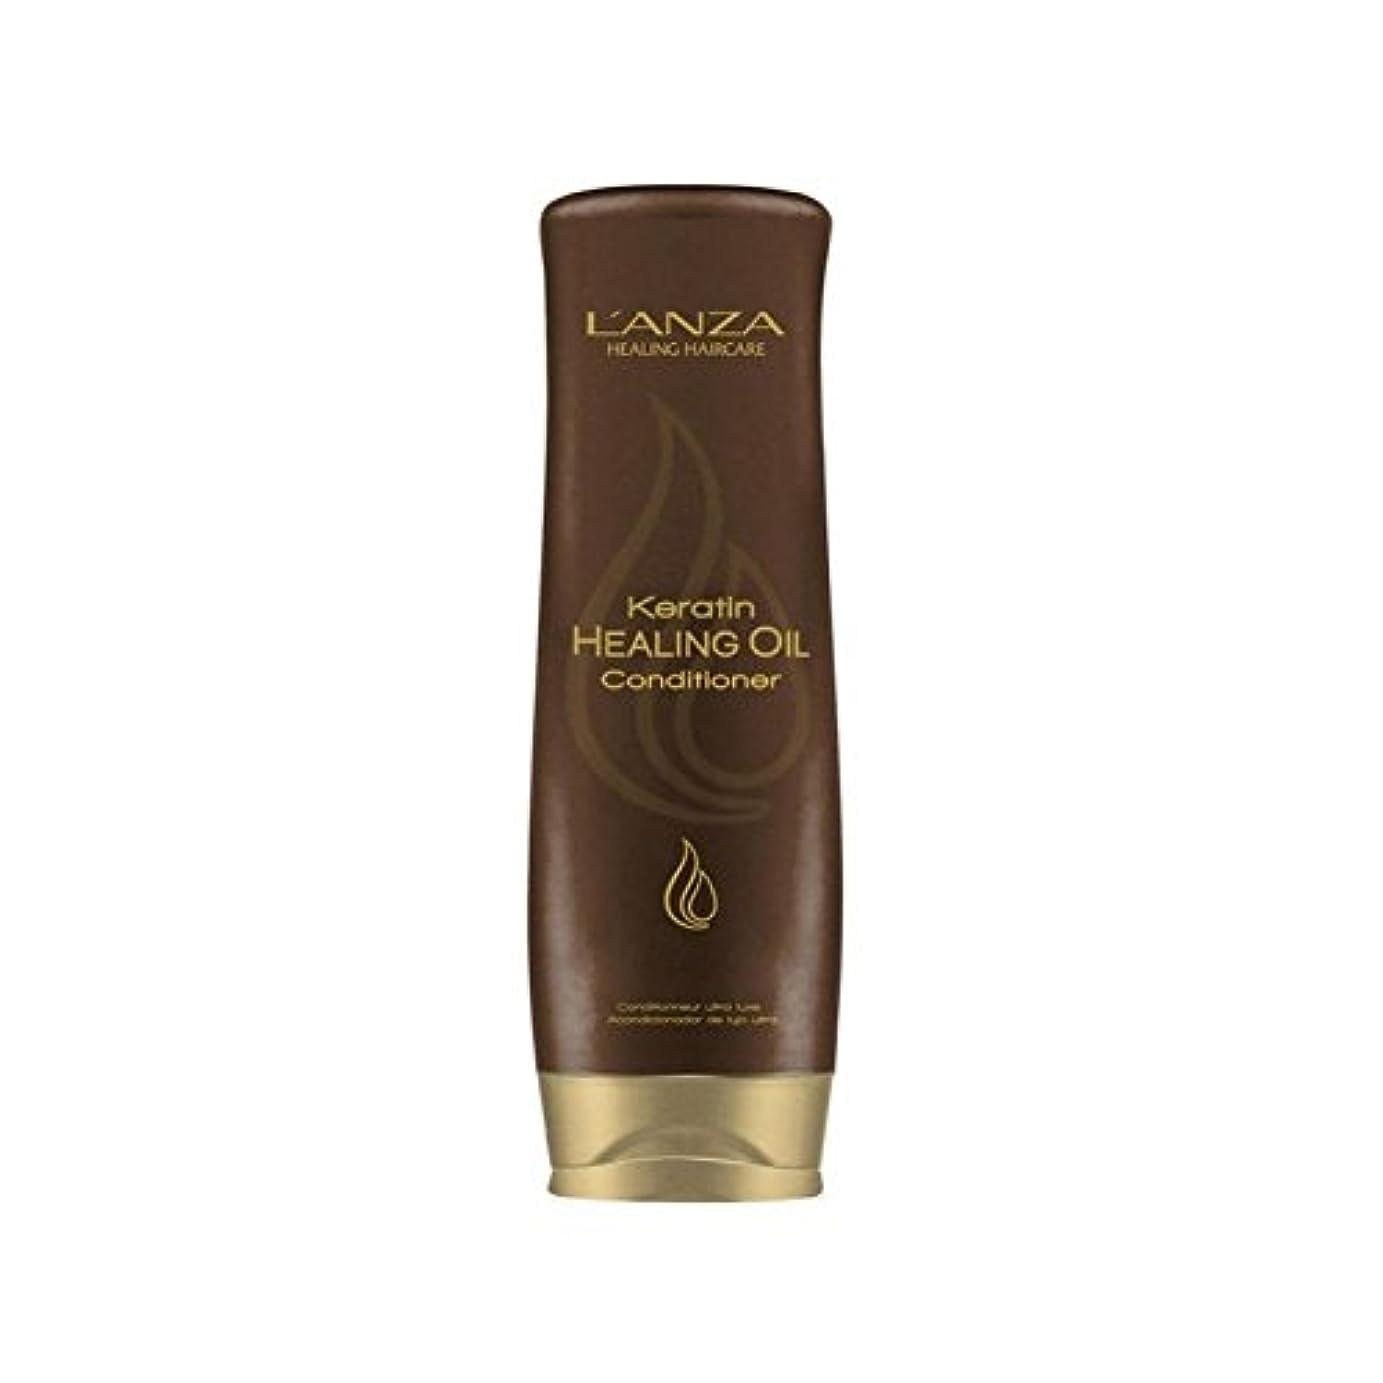 精緻化悩むモーテルアンザケラチンオイルコンディショナー(250ミリリットル)を癒し x4 - L'Anza Keratin Healing Oil Conditioner (250ml) (Pack of 4) [並行輸入品]